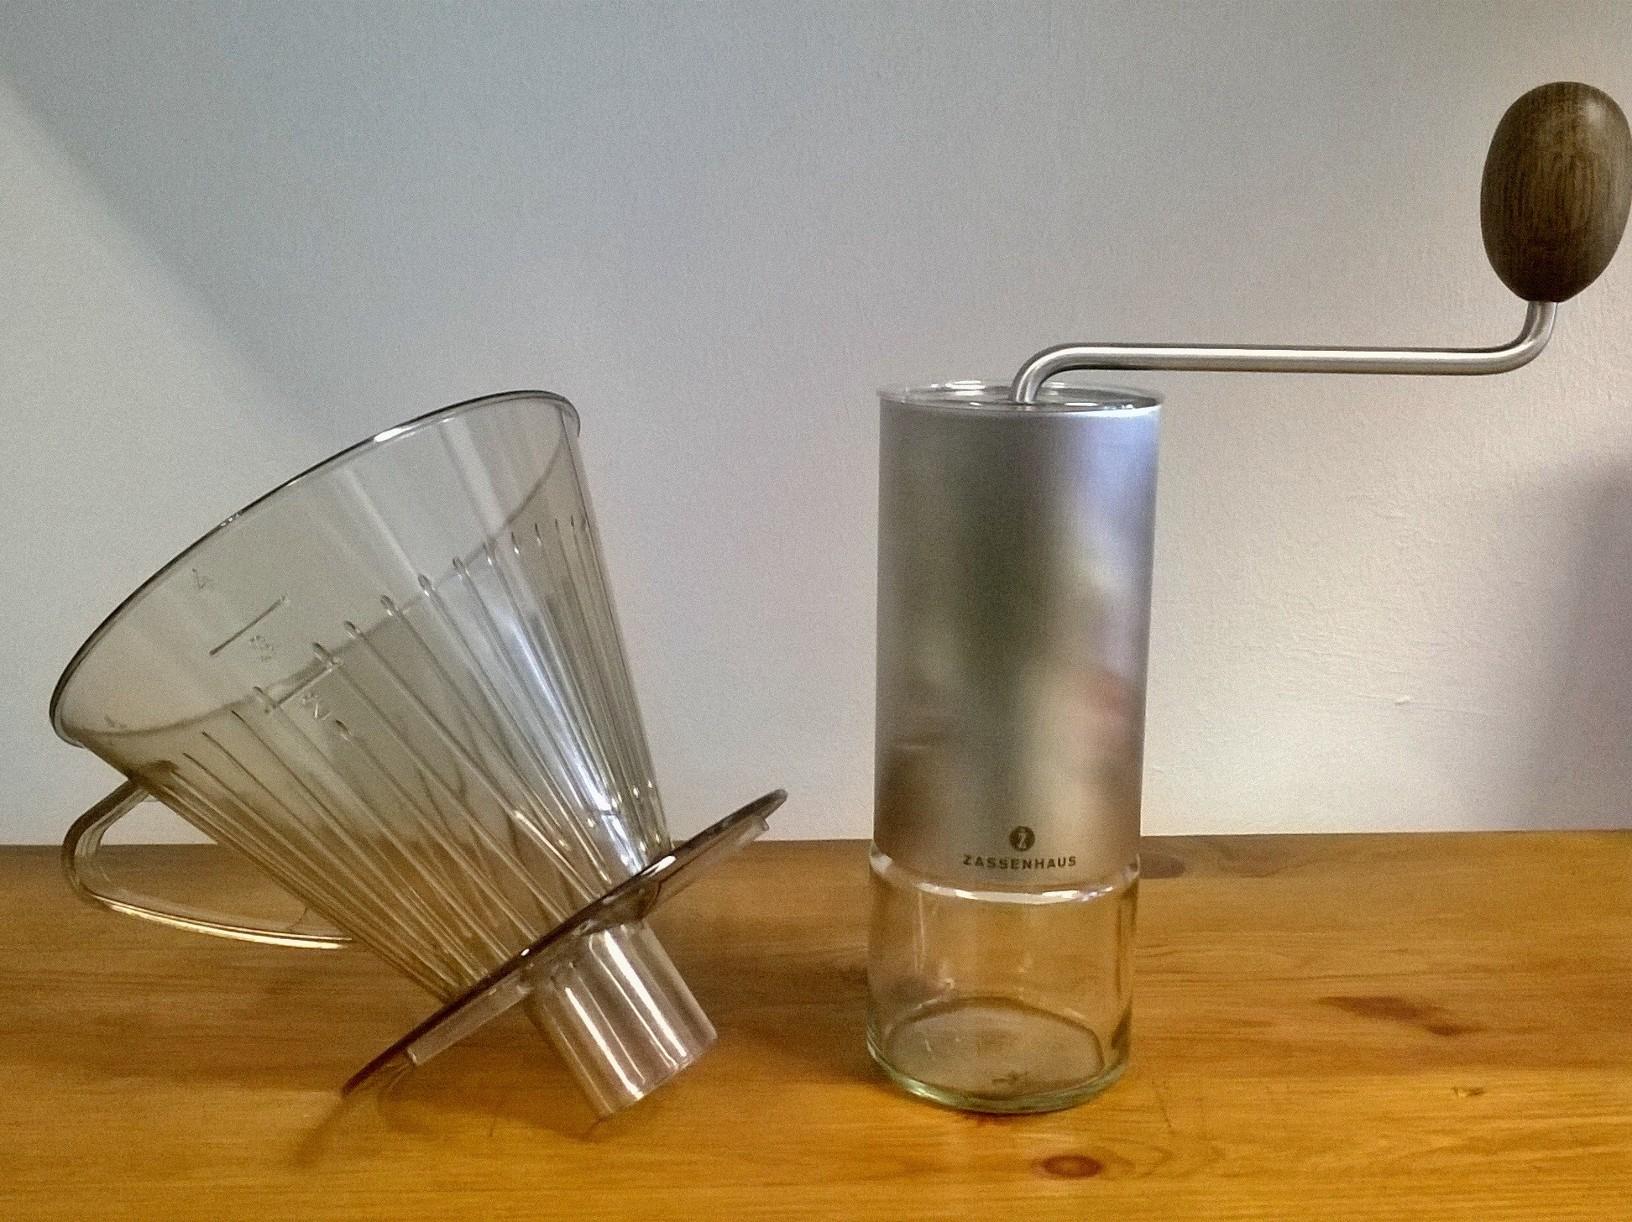 Stutzen-Kaffeefilter aus Polystyrol und Handkaffeemühle Quito von Zassenhaus